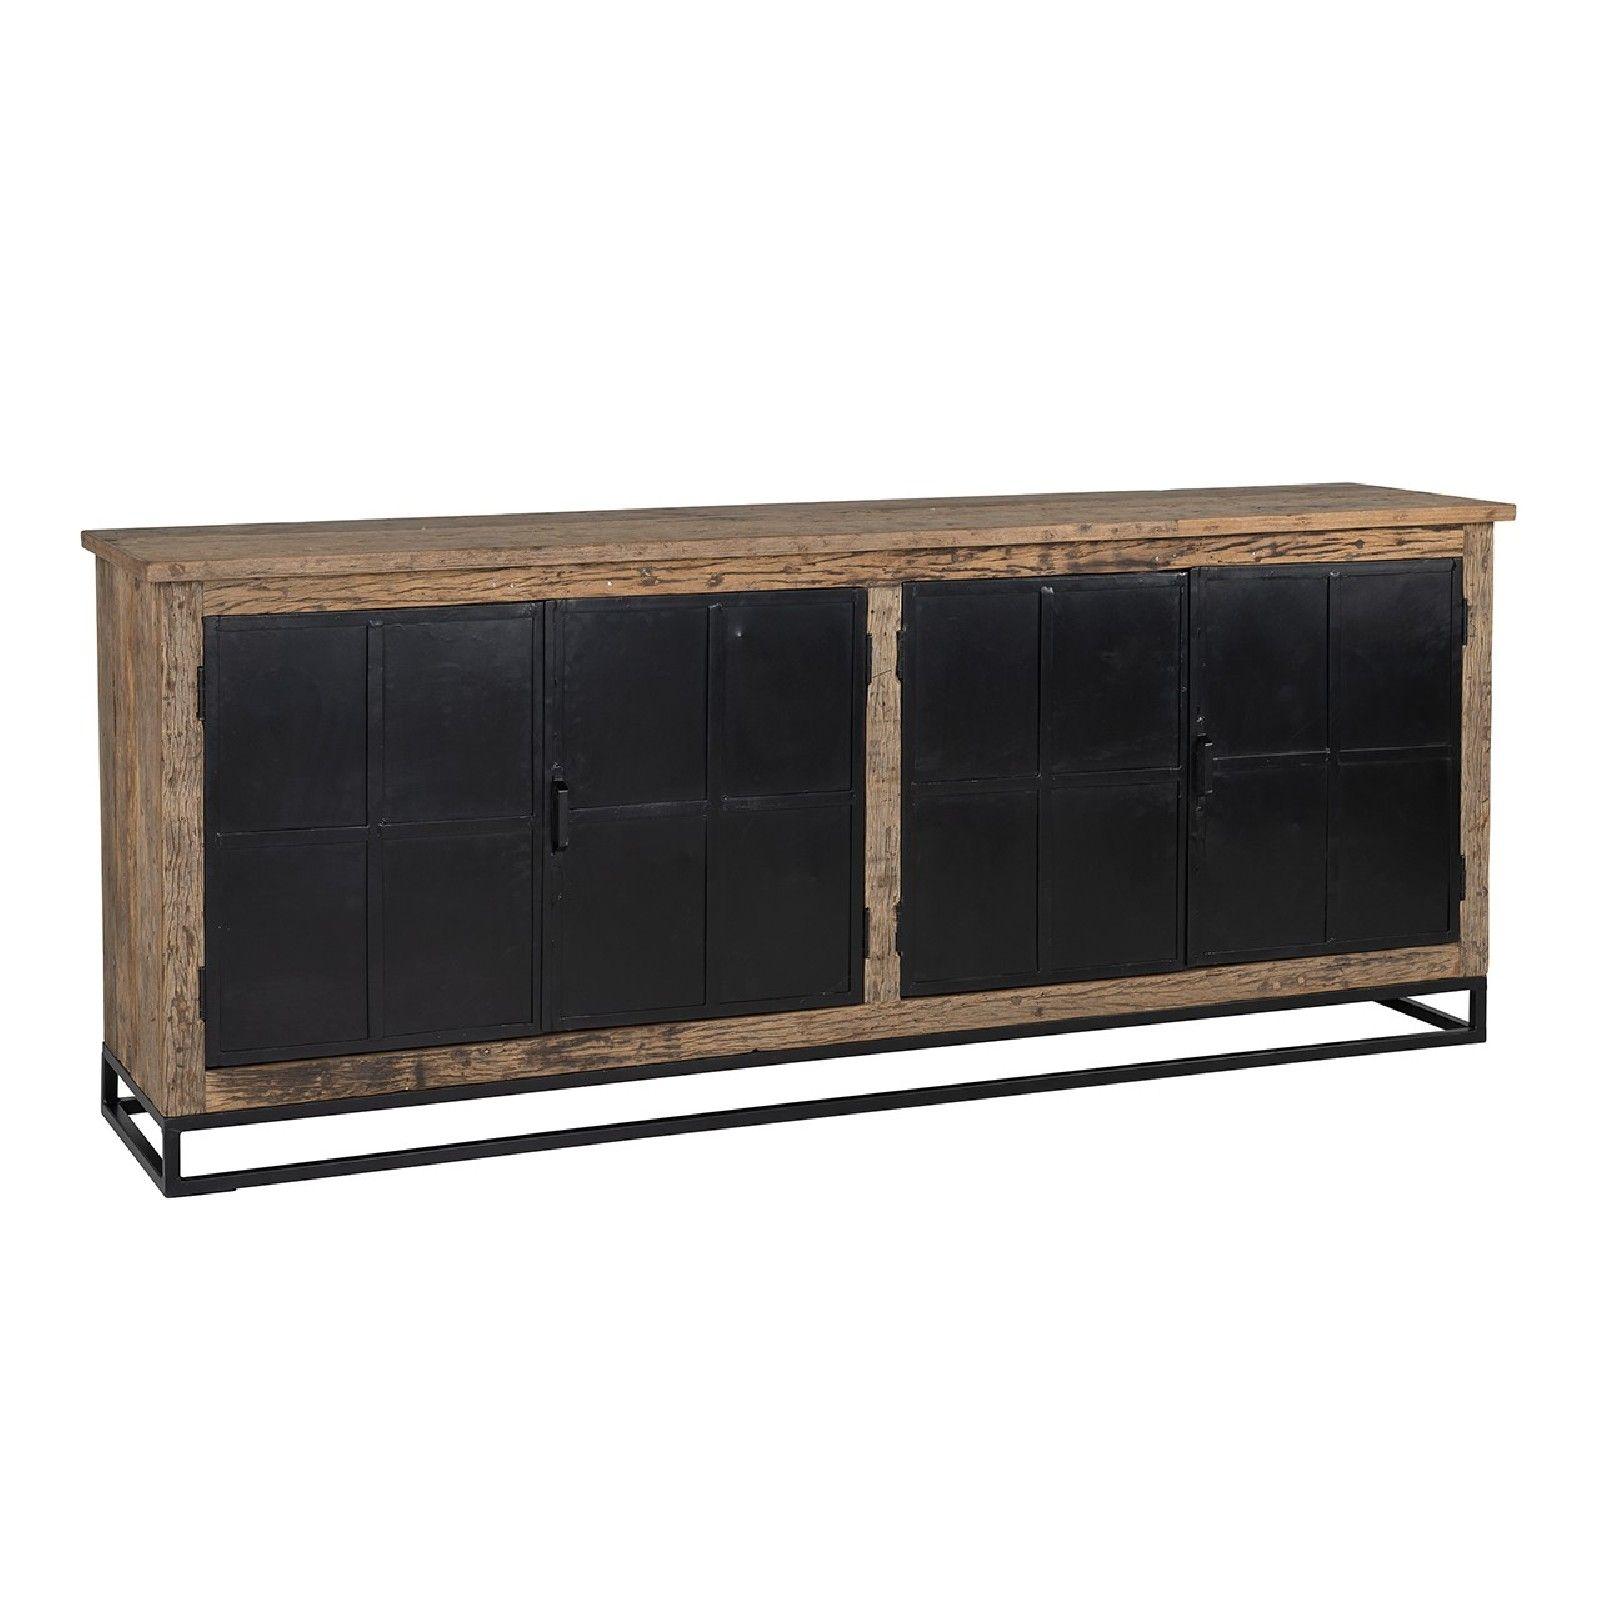 Bahut Raffles 4-portes, Recyceld wood Meuble Déco Tendance - 68